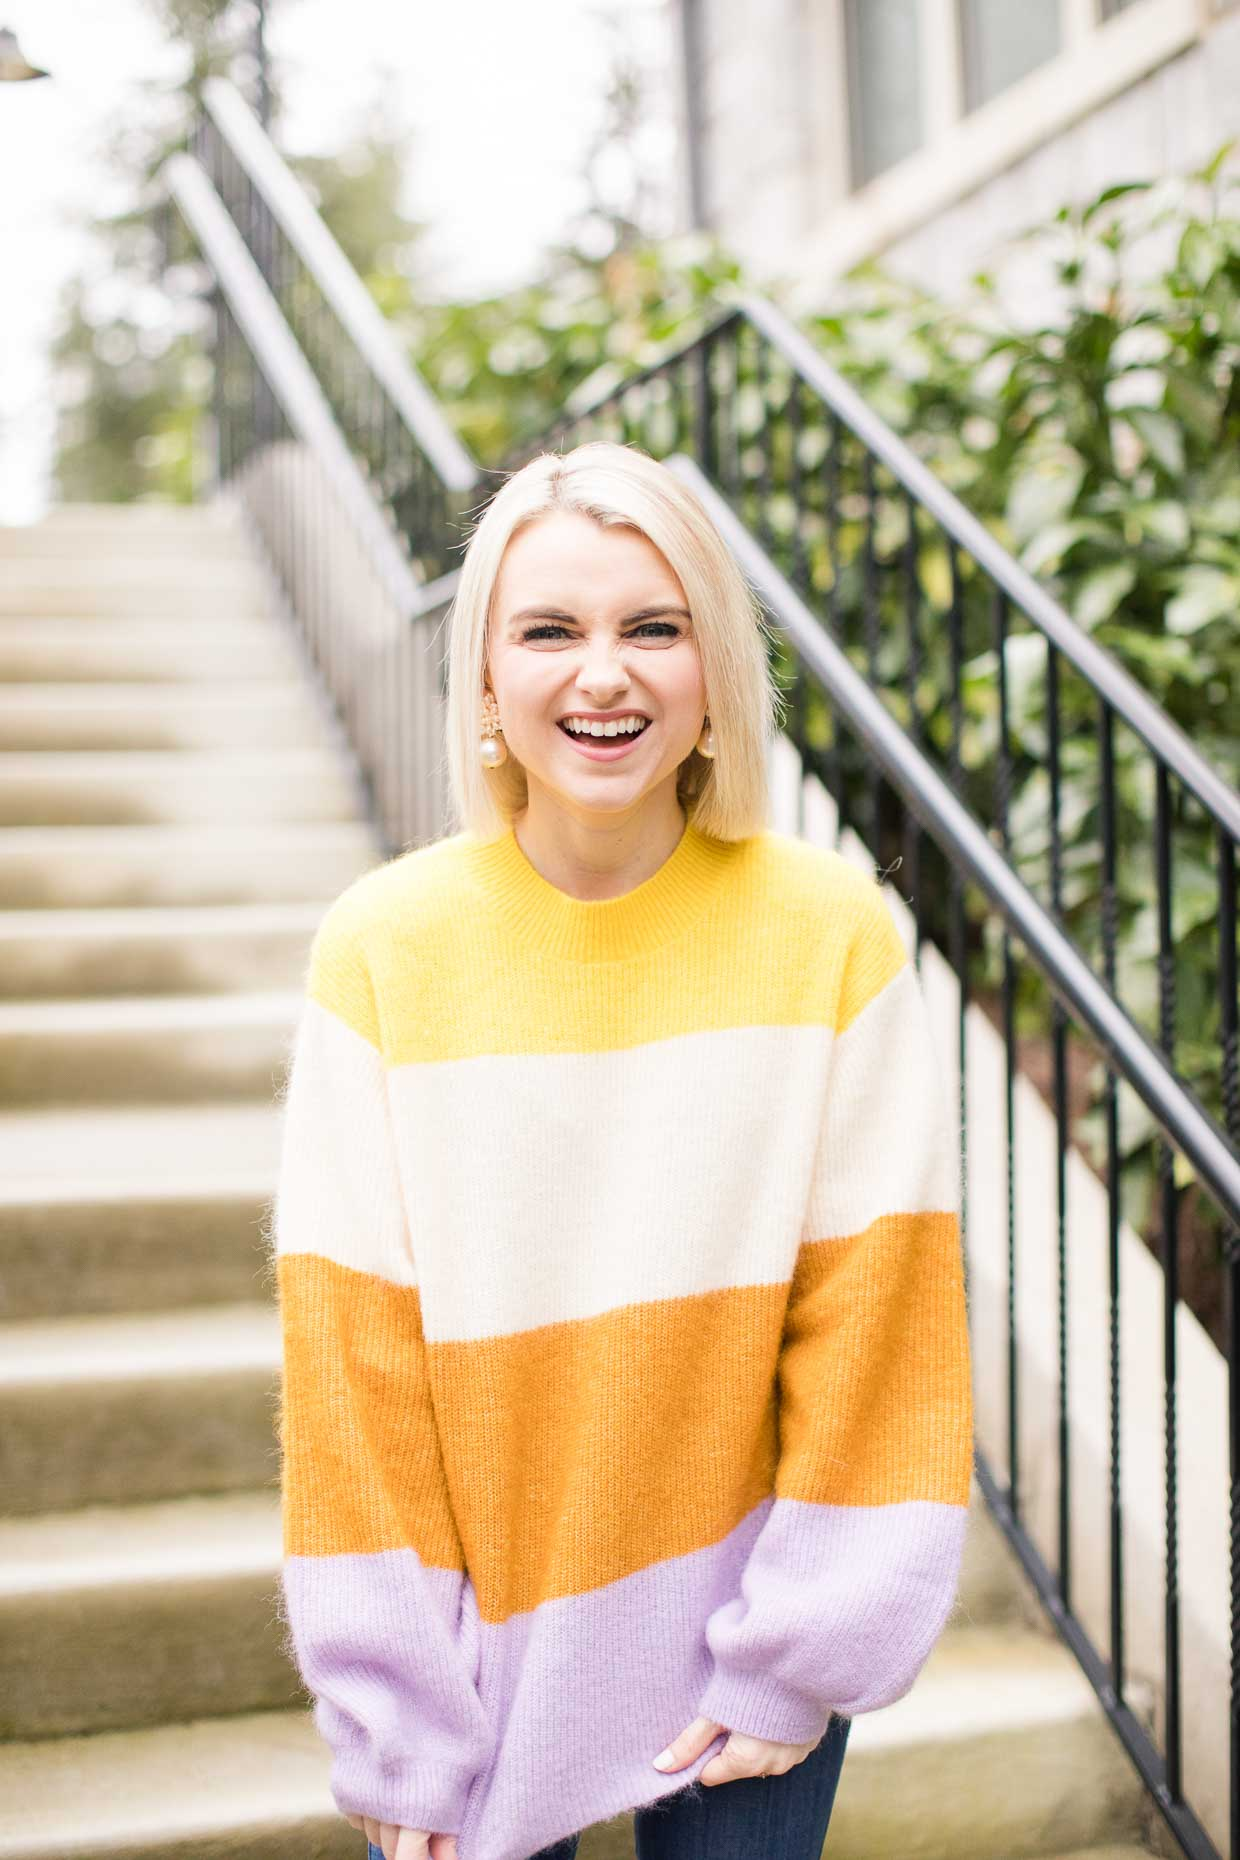 Vince Colorblock Sweater